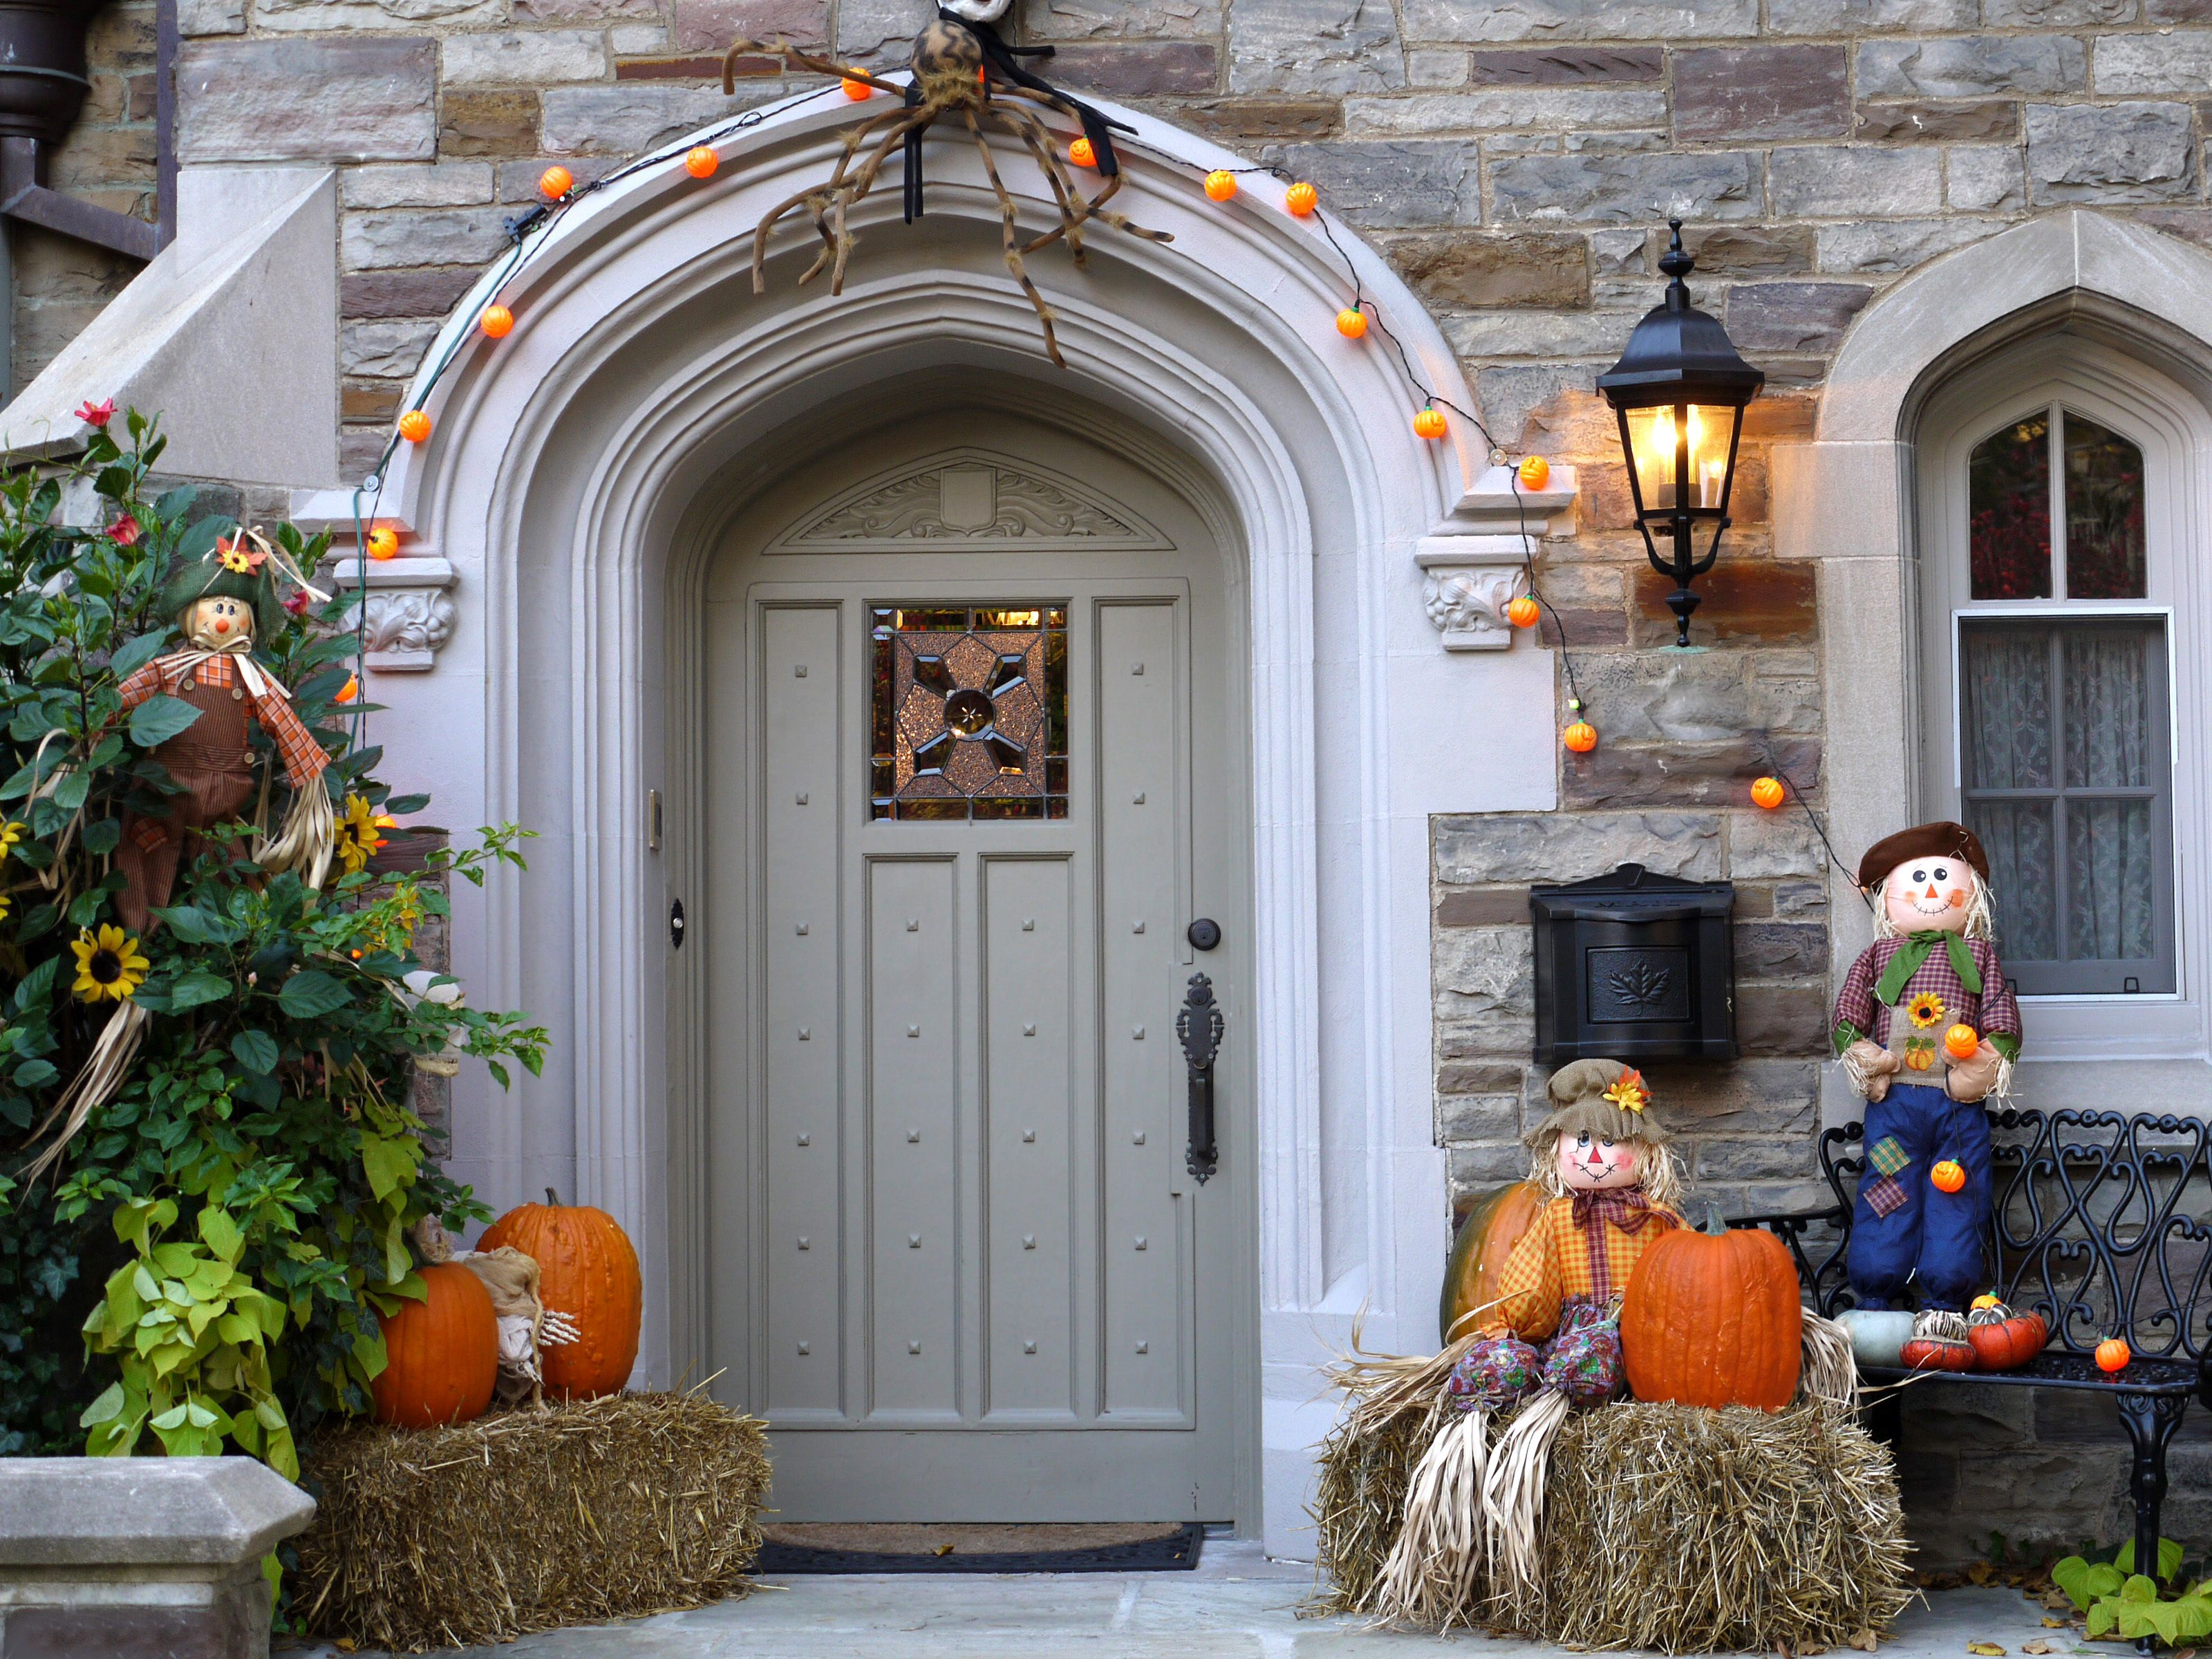 Uncategorized How To Decorate For Halloween In House halloween home decor ideas in front of door holidays lights door